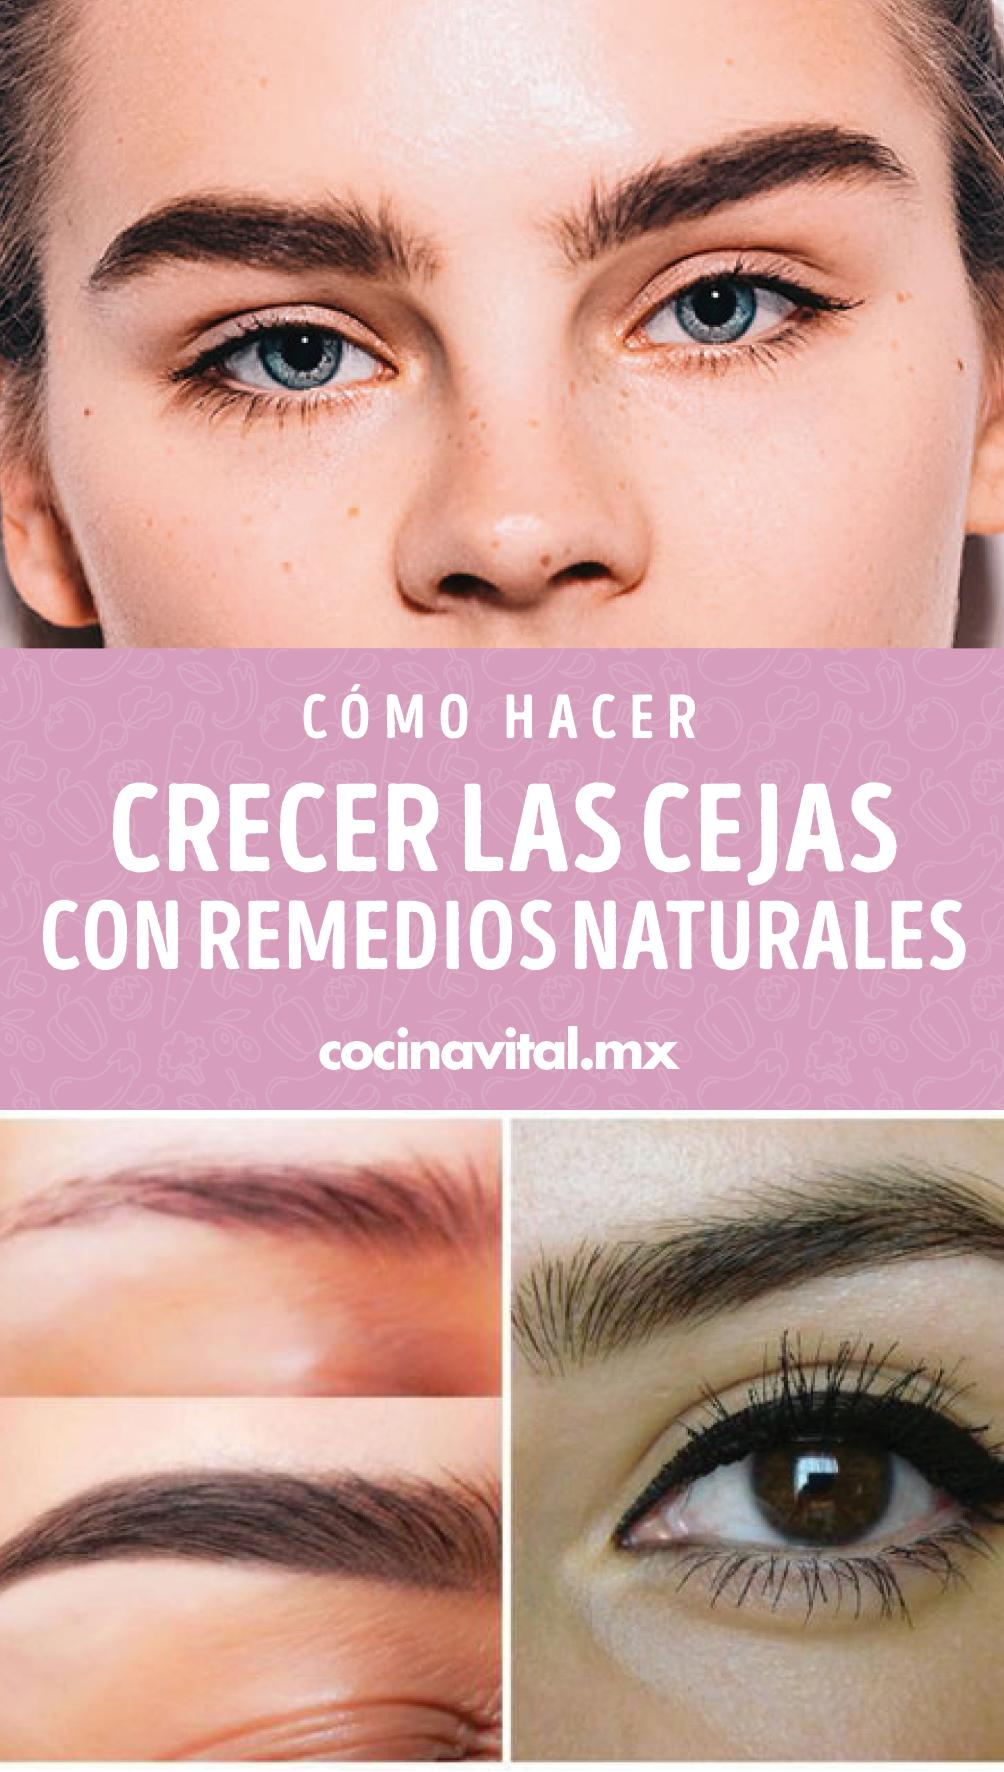 Photo of Cómo hacer crecer las cejas con remedios naturales